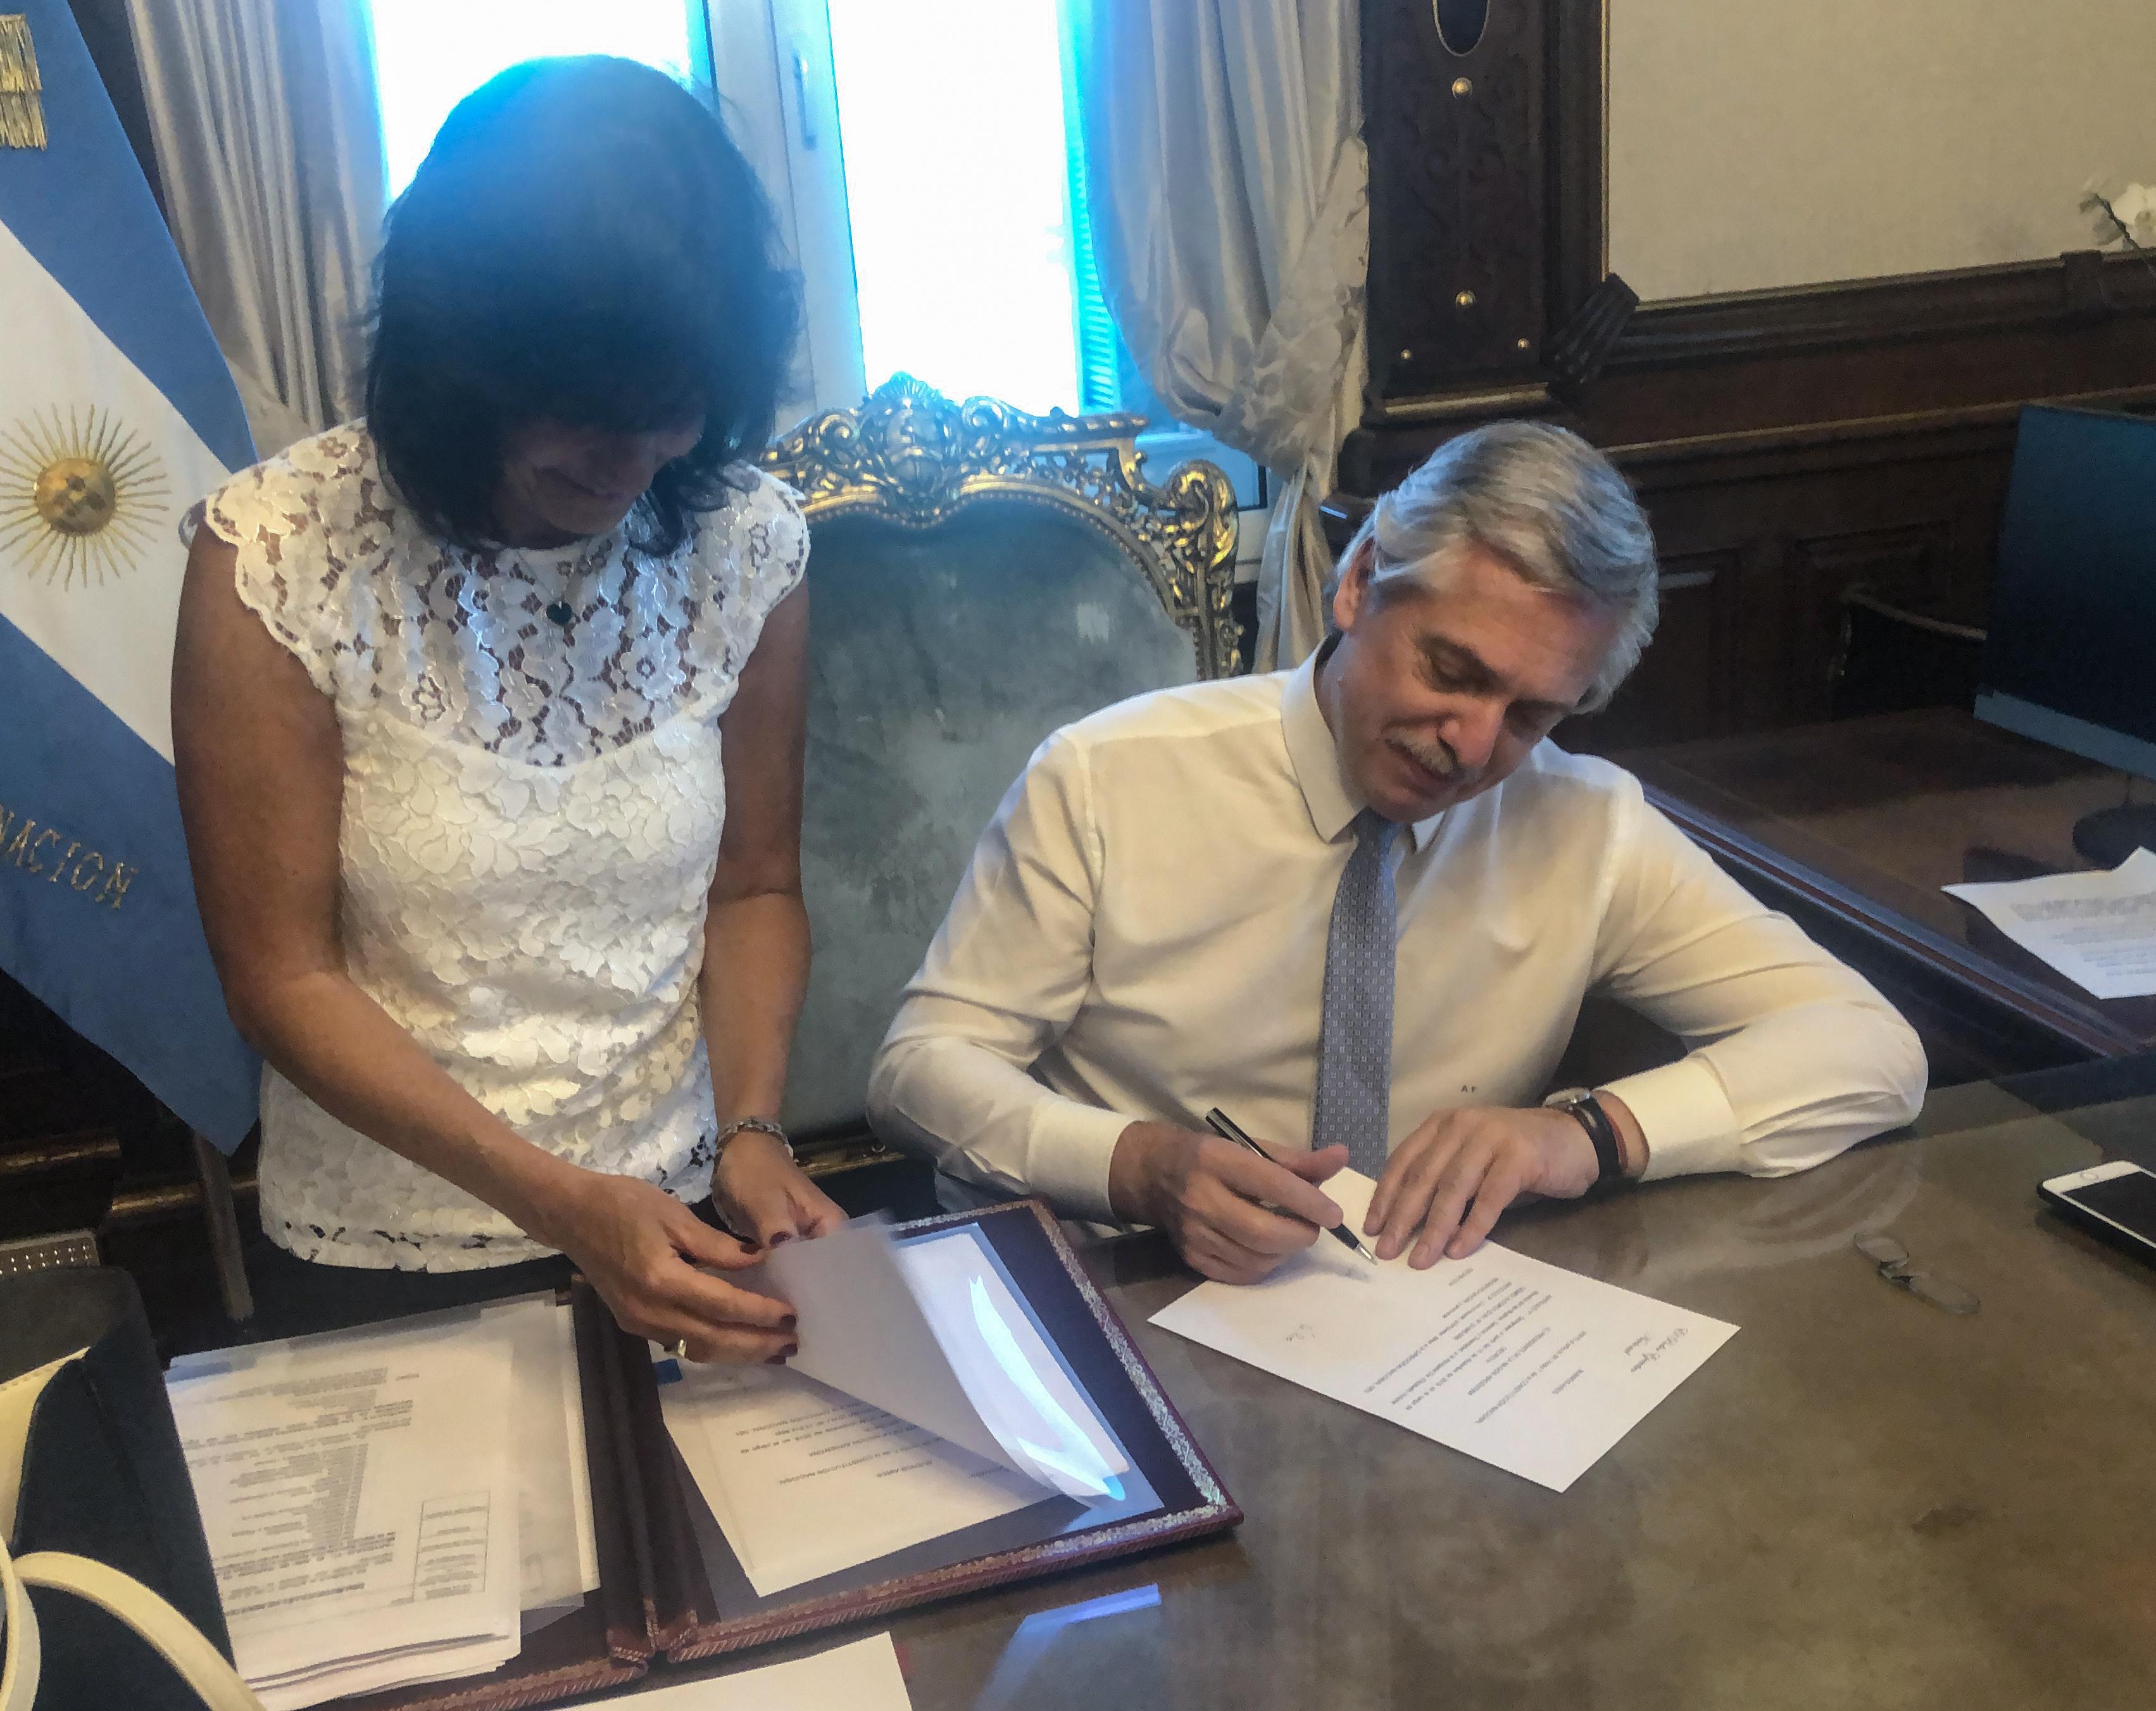 El presidente Alberto Fernández firmando las designaciones de sus ministros antes de la jura formal, junto a su secretaria Legal y Técnico Vilma Ibarra